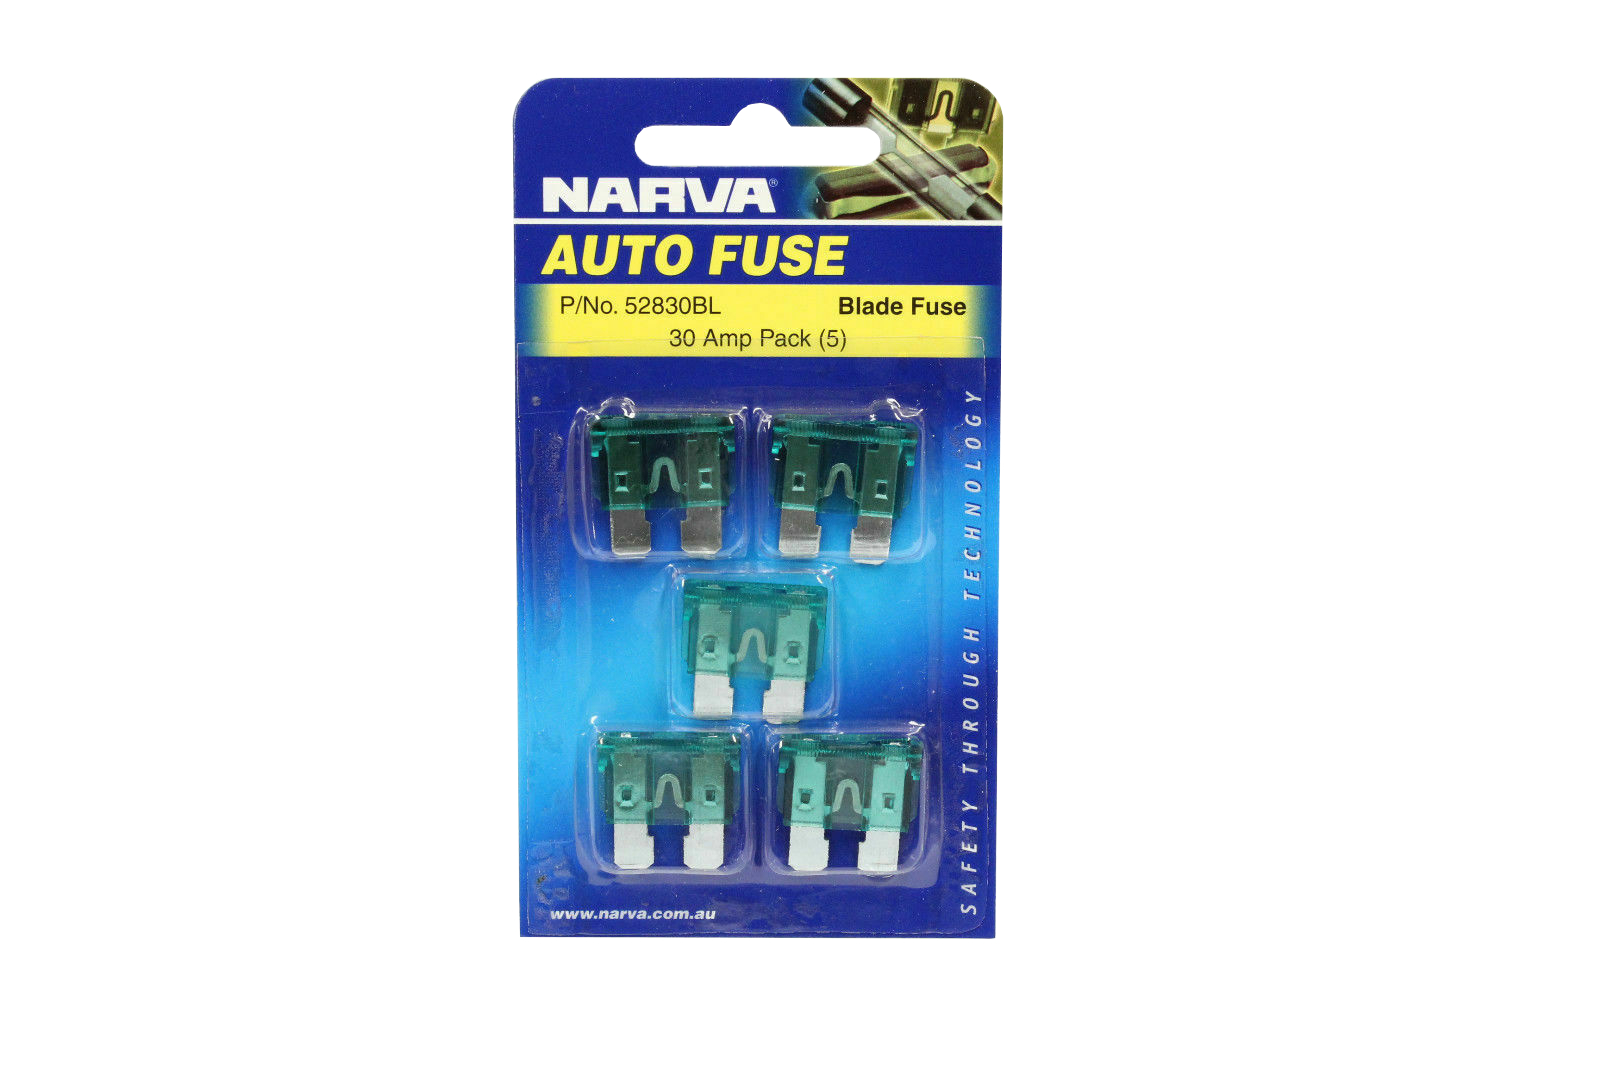 NARVA 30 Amp GREEN ATS Blade Fuse - 5 Per Pack. 52830BL